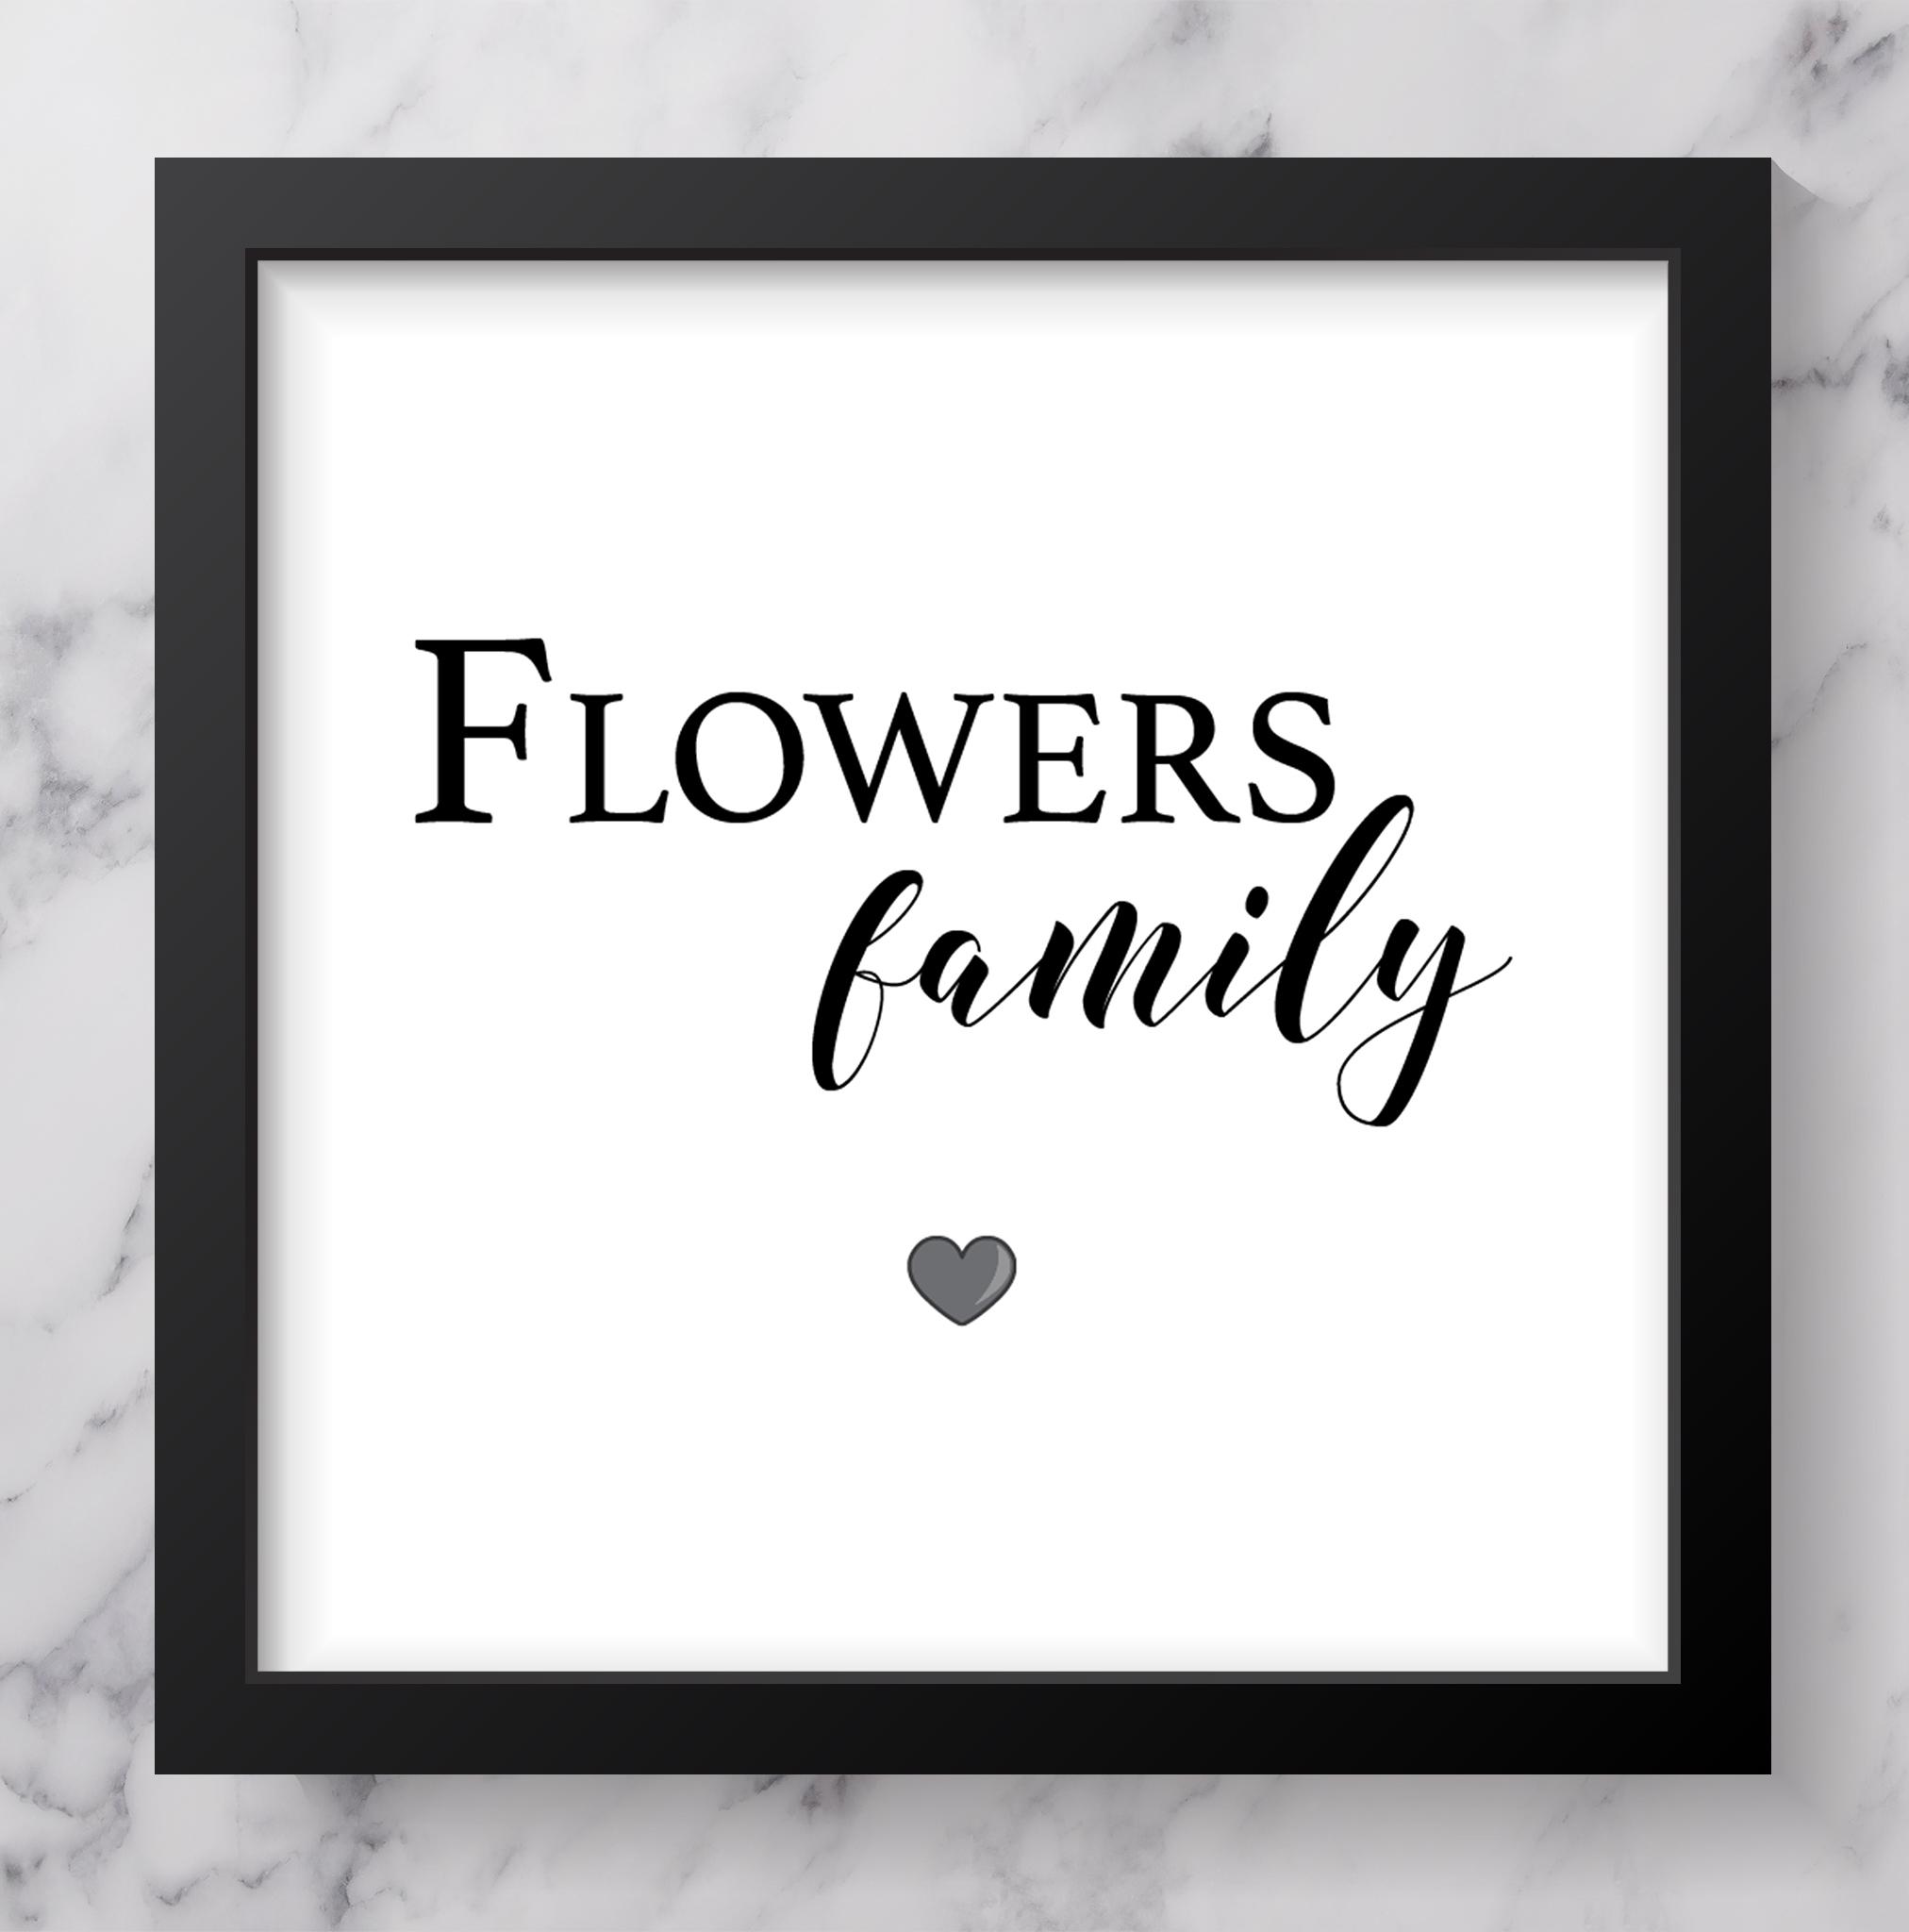 Flowers_Family_9x9.jpg